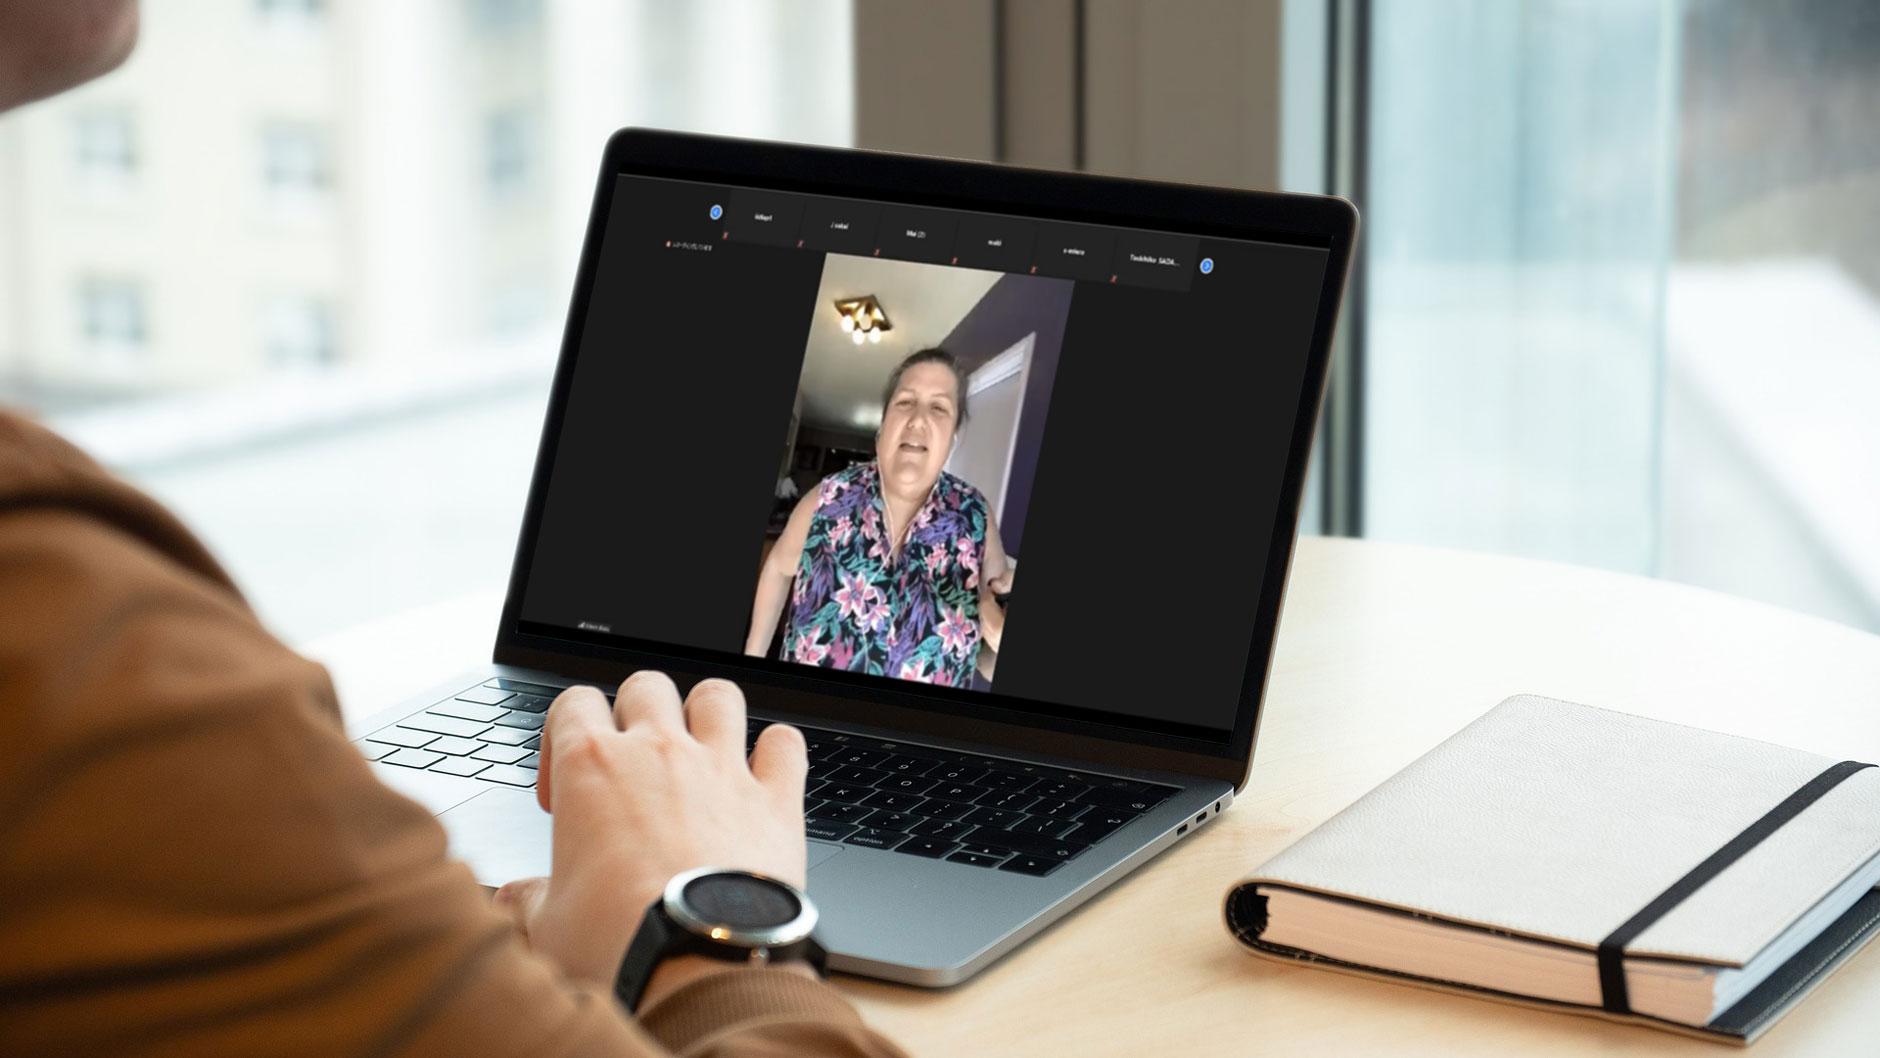 オンラインインタビューの様子をノートPCで見学する